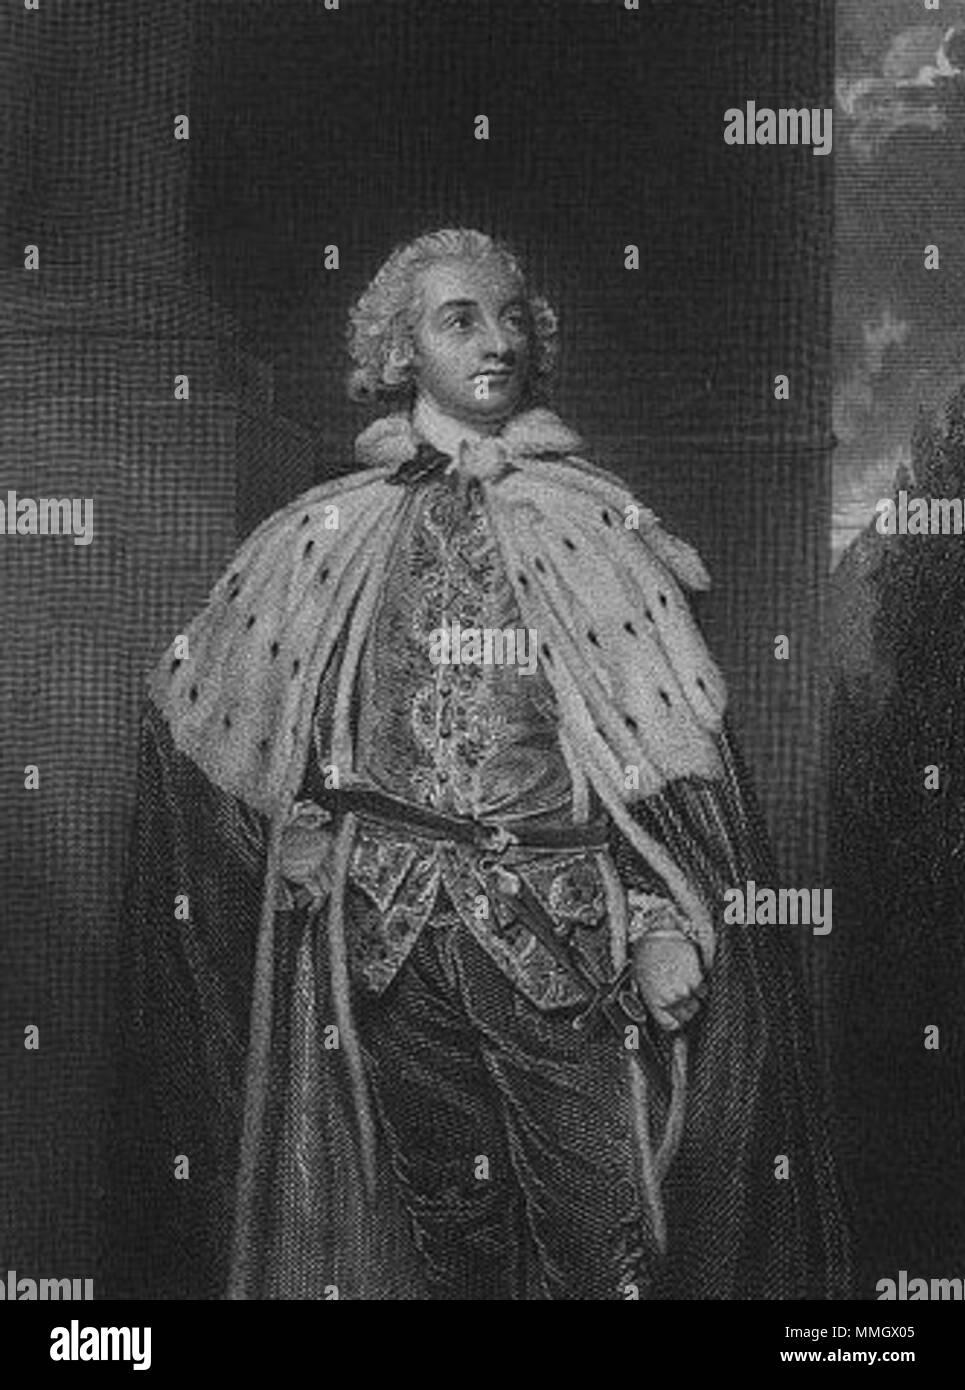 Englisch: Portrait von John Fane, 10. Earl von Westmorlan (1759-1841). ca. 1790. 10 thEarlOfWestmorland Stockfoto